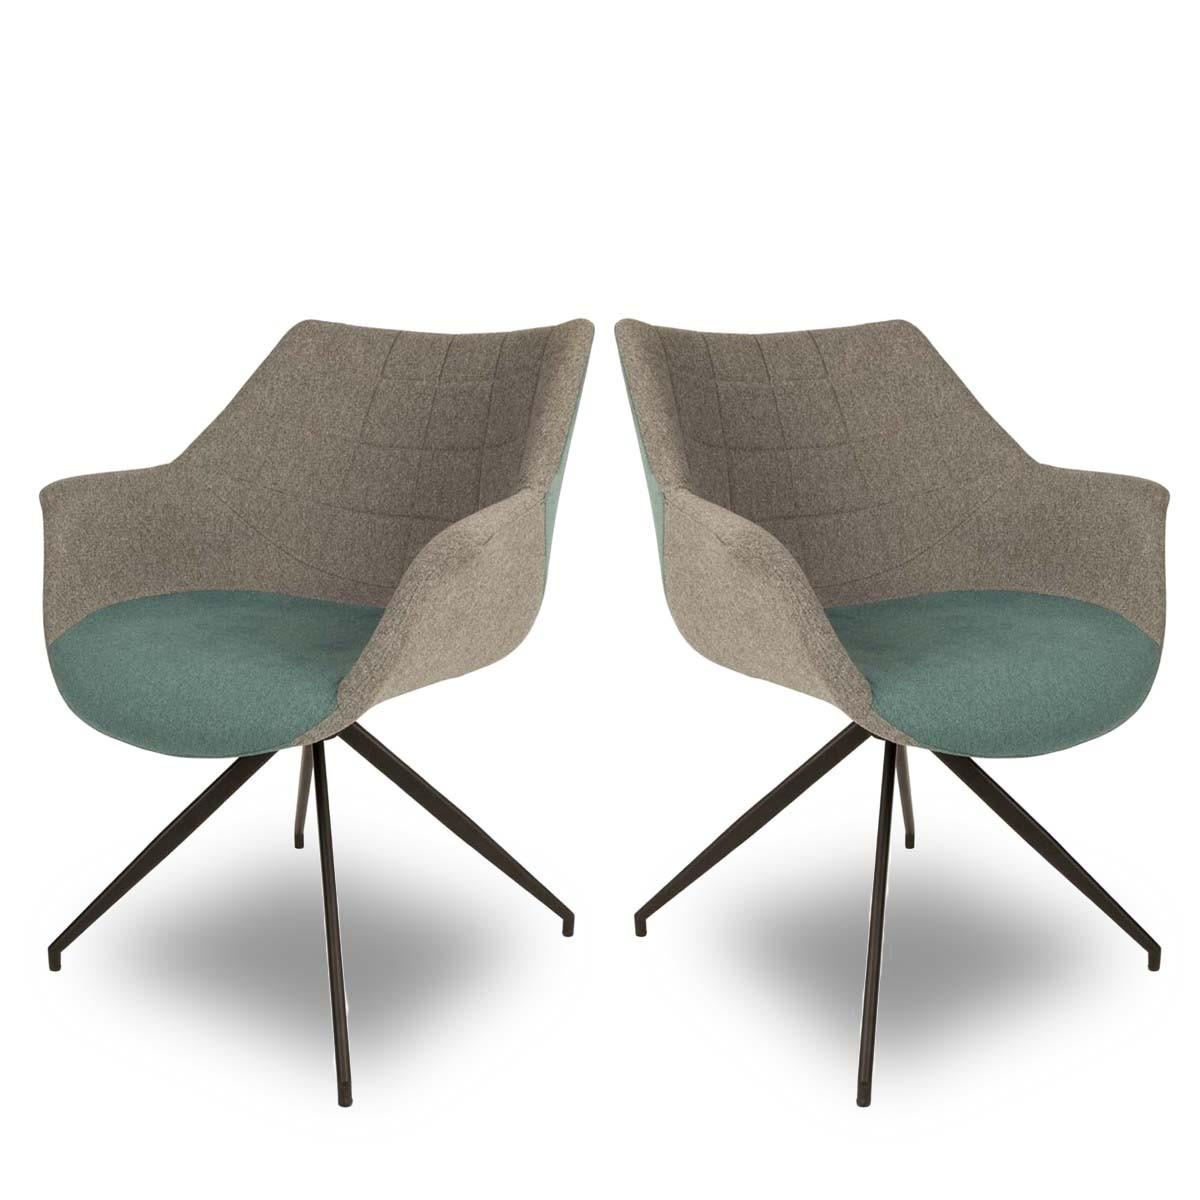 Lot de 2 fauteuils design Doulton Bleu Résultat Supérieur 50 Beau Chaise Fauteuil Design Pas Cher Photographie 2017 Zat3